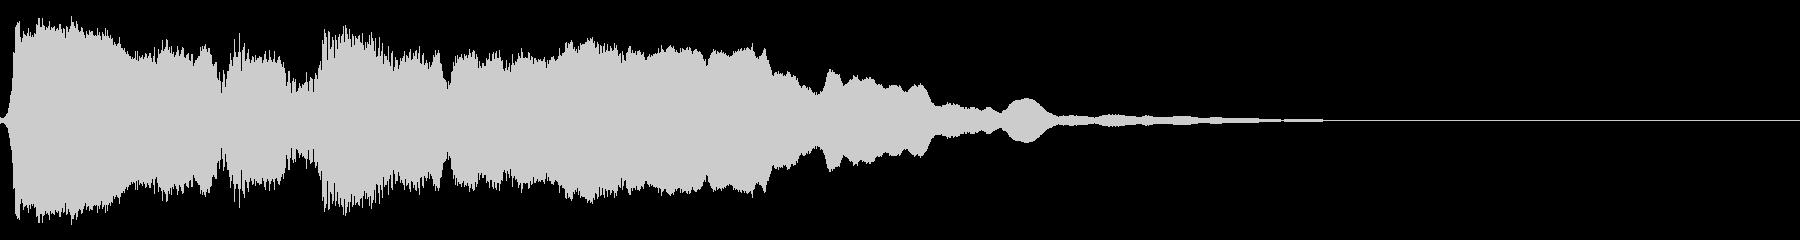 和風 篠笛の 切り掛け用ジングル1の未再生の波形